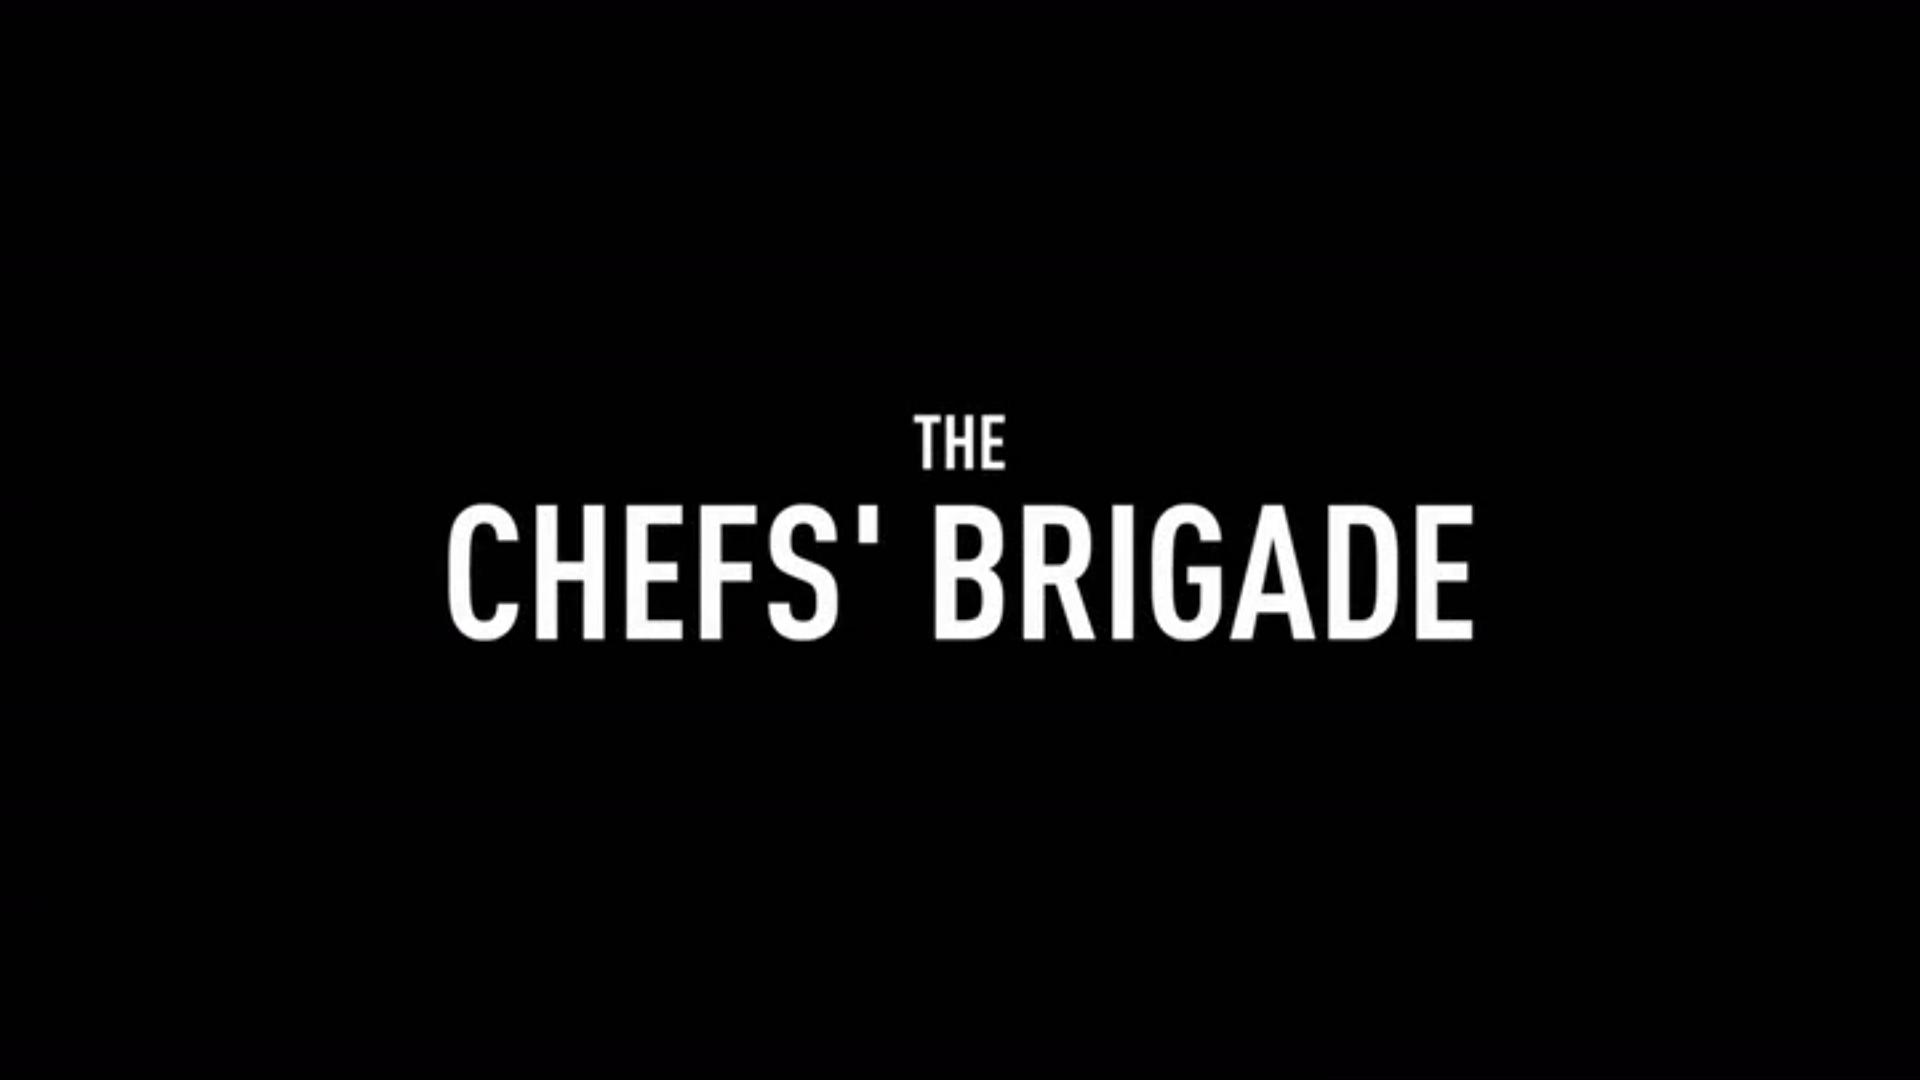 The Chefs' Brigade